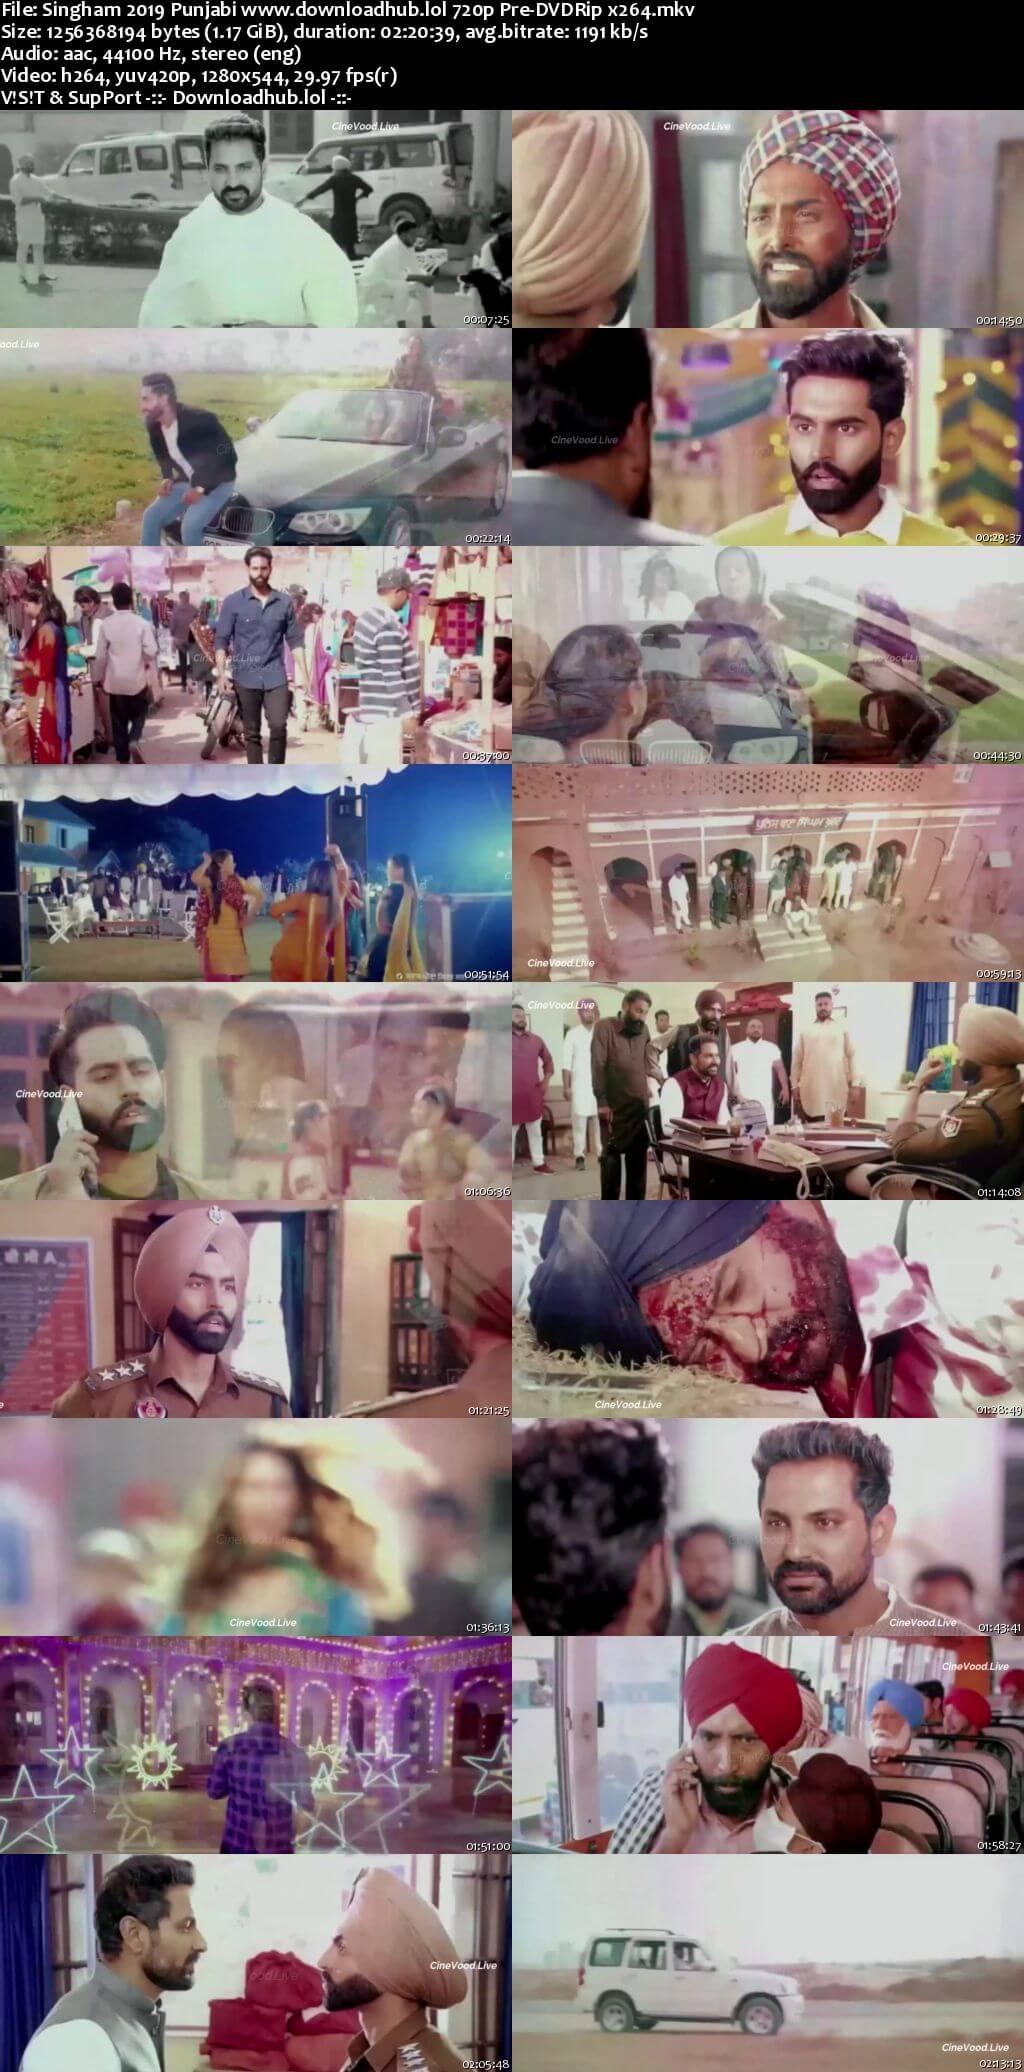 Singham 2019 Punjabi 720p Pre-DVDRip x264